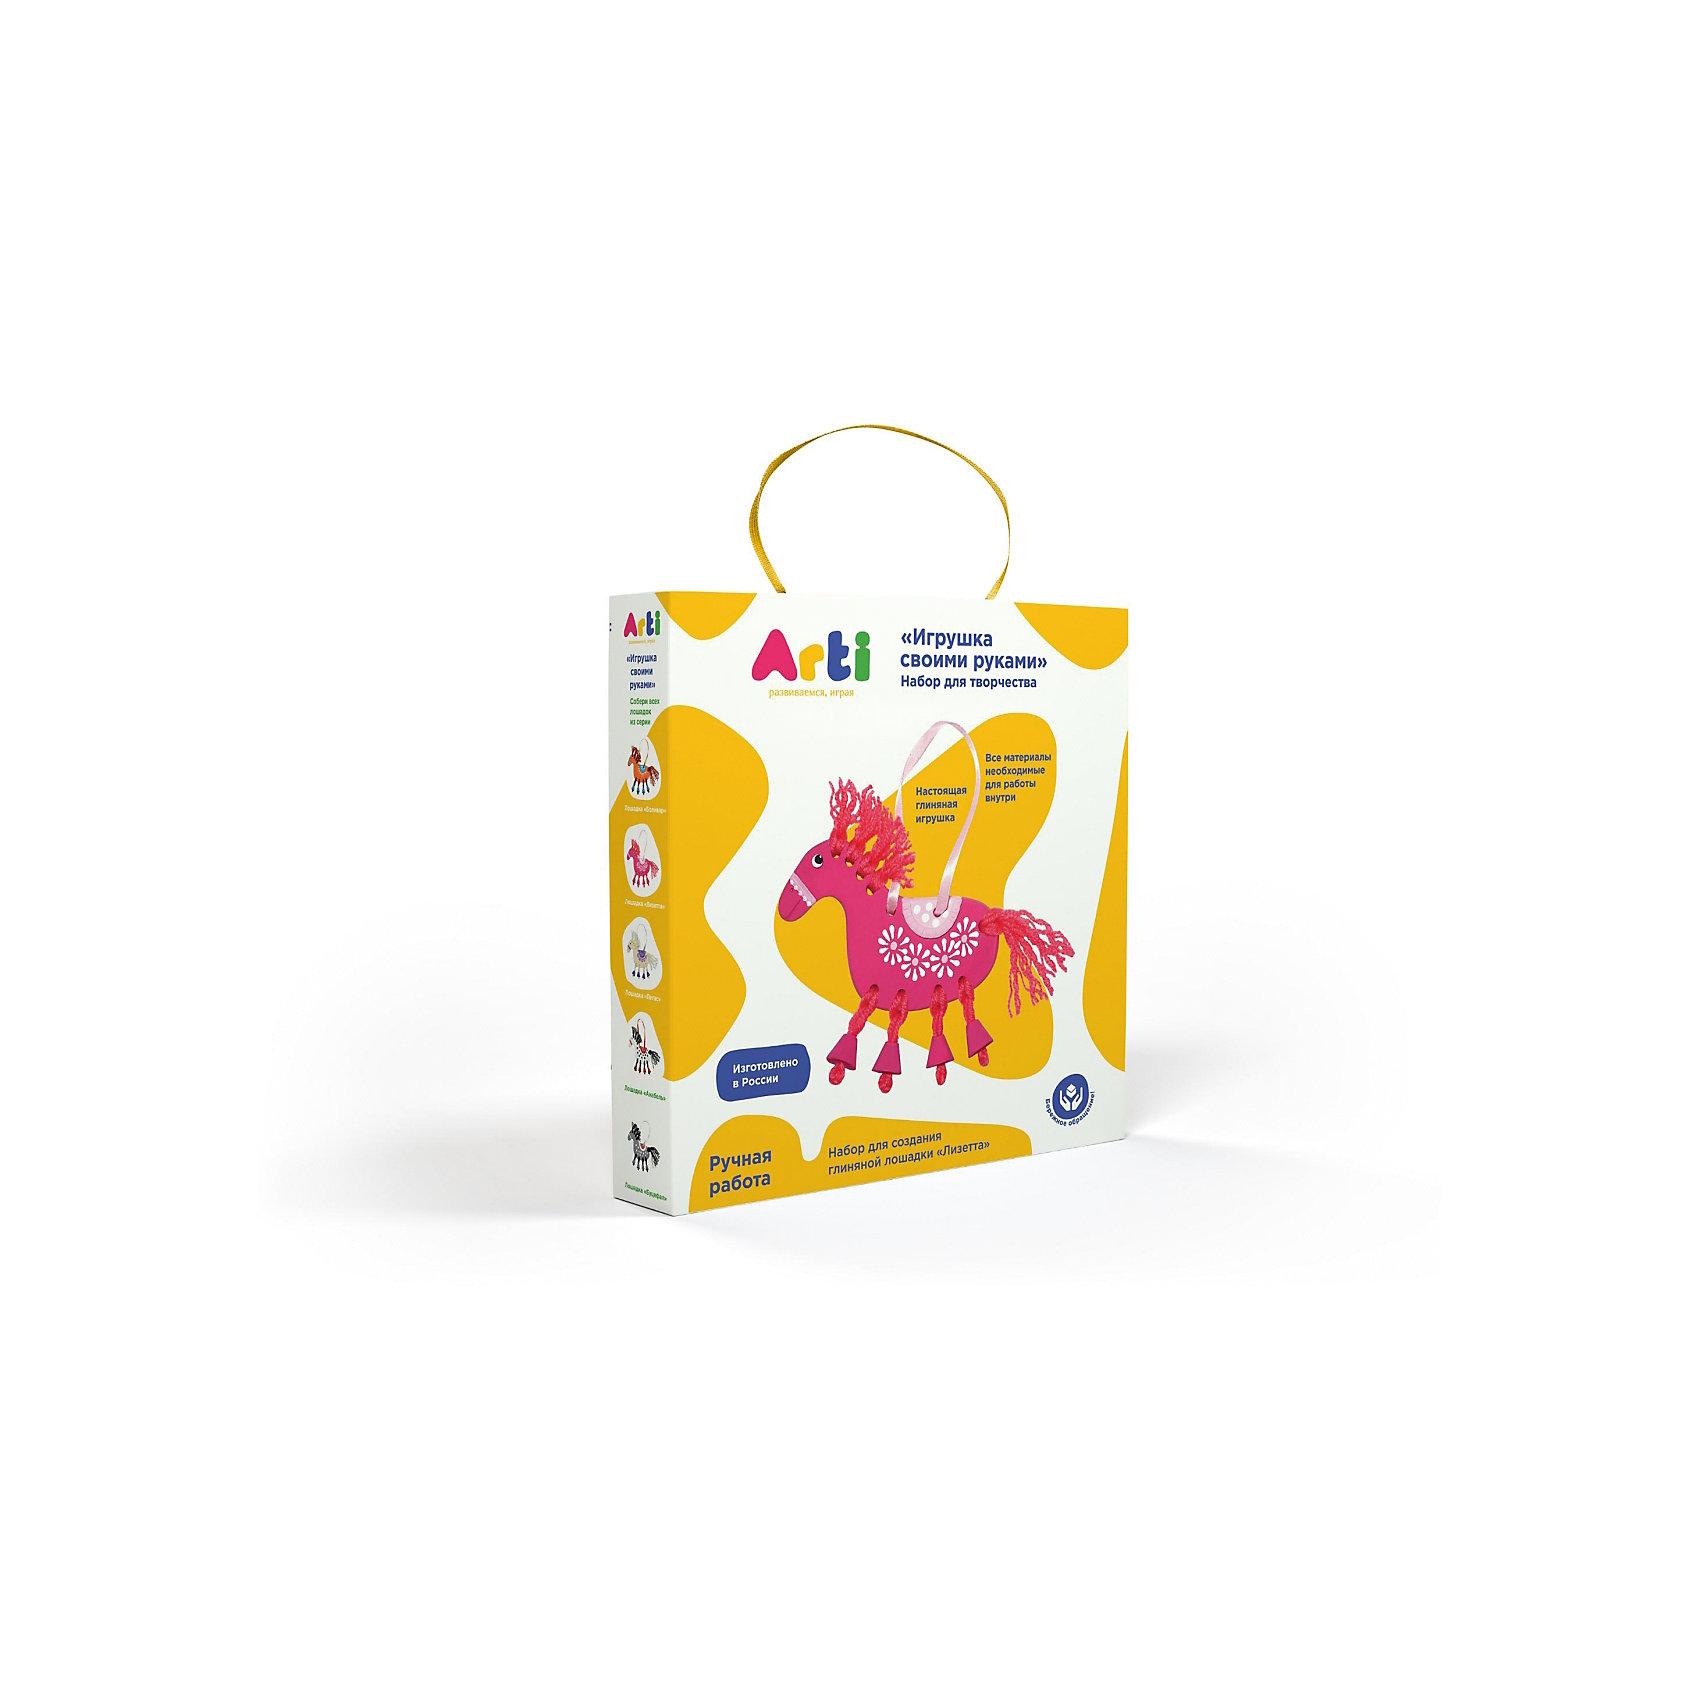 Набор для творчества Глиняная лошадка ЛизеттаРисование<br>Набор для творчества Глиняная лошадка Лизетта.<br><br>Характеристика: <br><br>• Возраст: от 3 лет<br>• Материал: глина, текстиль, краски, дерево, шерсть. <br>• Размер упаковки: 3х18х18 см. <br>• Комплектация: детали фигурки, акриловые краски, кисть, шерстяные нити, деревянная палочка для работы с нитями, ленточка для подвеса изделия.<br>• Объем 1 баночки с краской: 5 мл.<br>• Развивает моторику рук, мышление, внимание. фантазию, творческие способности. <br><br>С помощью этого замечательного набора ваш ребенок сможет создать яркую глиняную игрушку и раскрасить ее по своему вкусу. Все детали набора выполнены из высококачественных материалов. Доступная простая инструкция позволит детям самим сделать свою лошадку. Получившаяся фигурка обязательно украсит стену детской или же станет отличным подарком, сделанным своими руками. <br><br>Набор для творчества Глиняная лошадка Лизетта можно купить в нашем интернет-магазине.<br><br>Ширина мм: 180<br>Глубина мм: 180<br>Высота мм: 30<br>Вес г: 283<br>Возраст от месяцев: 36<br>Возраст до месяцев: 2147483647<br>Пол: Унисекс<br>Возраст: Детский<br>SKU: 5487914